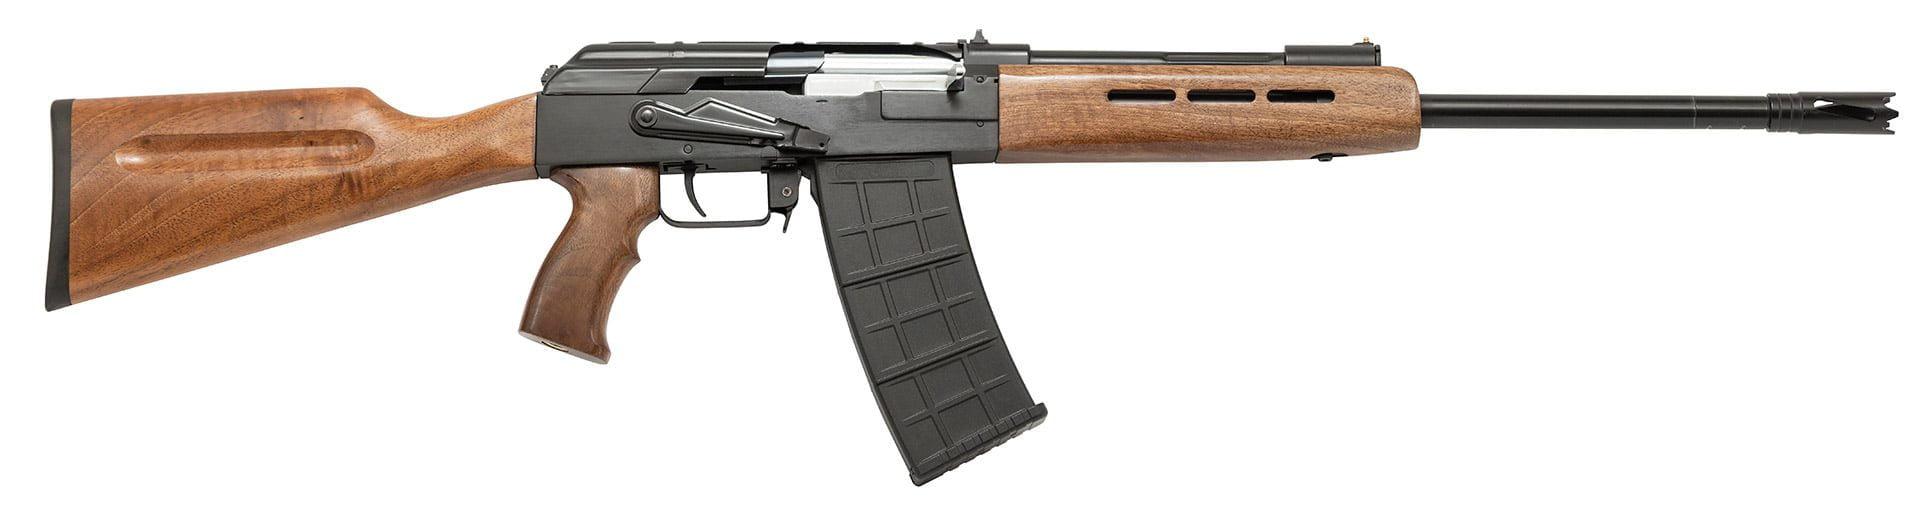 FD 21 Shotgun Image